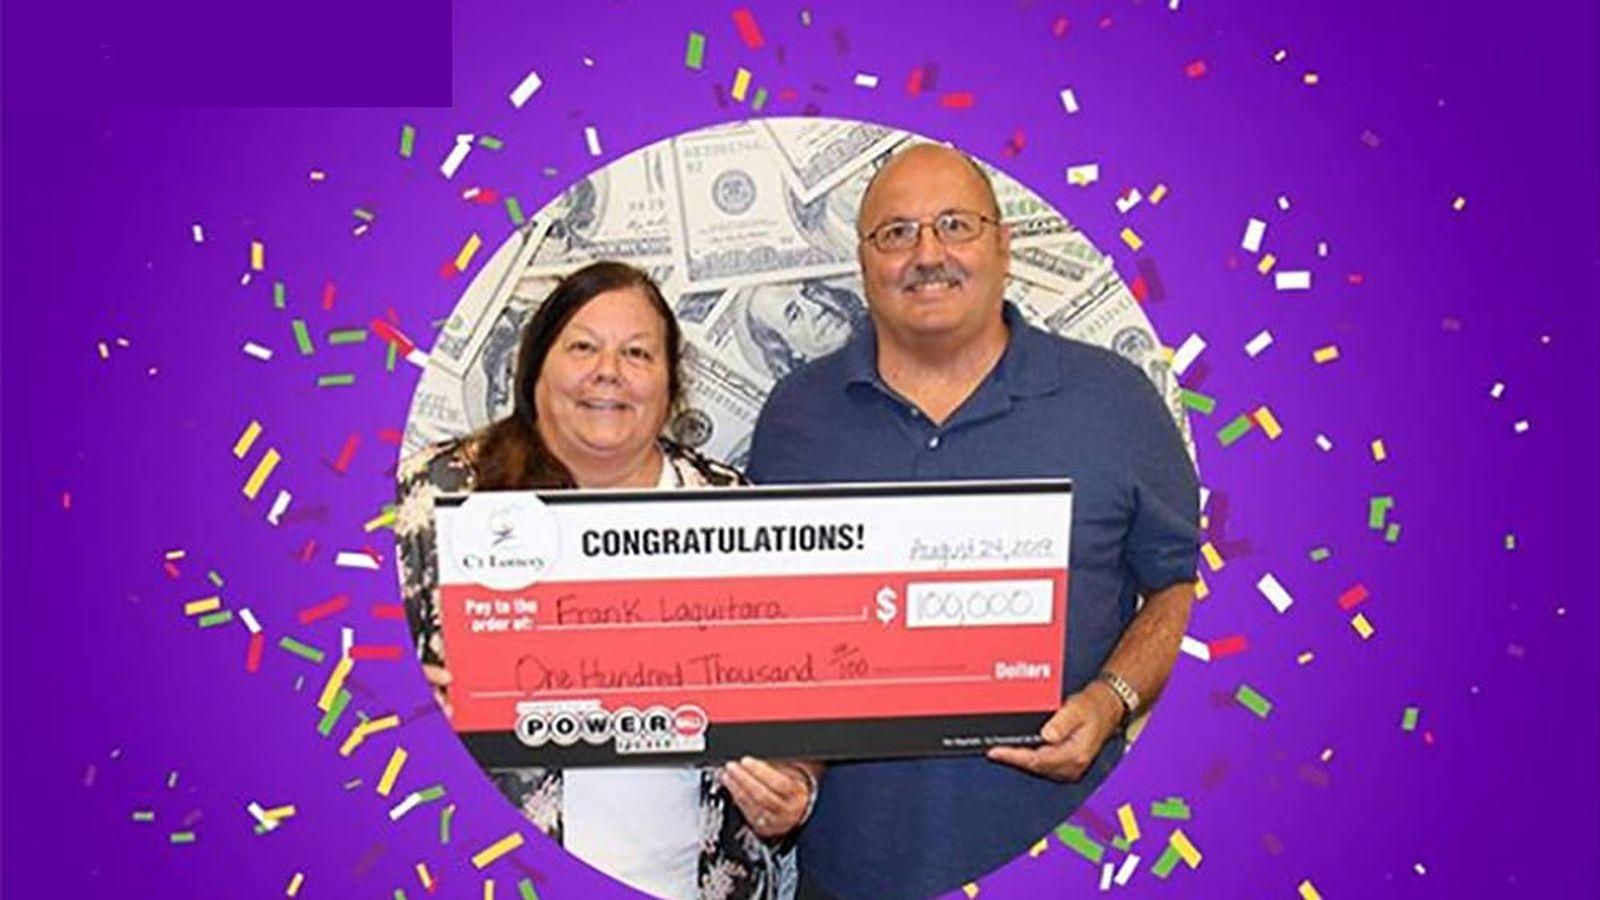 Foto: Frank Laquitara y su prometida, Debbie Long-Combs, posando con el premio. Foto: Lotería de Connecticut